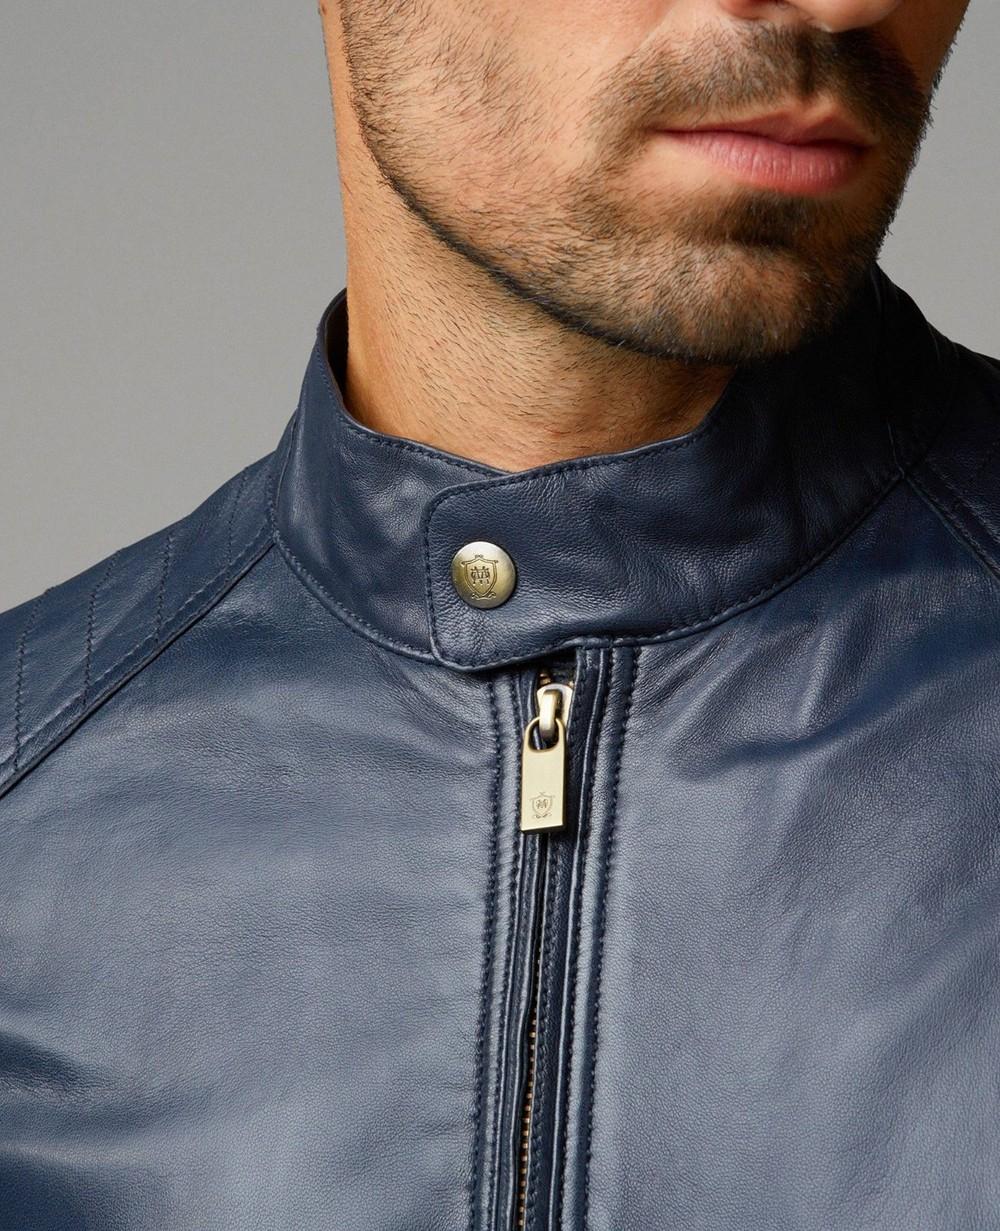 Navy Blue Leather Jacket For Men R1 2278